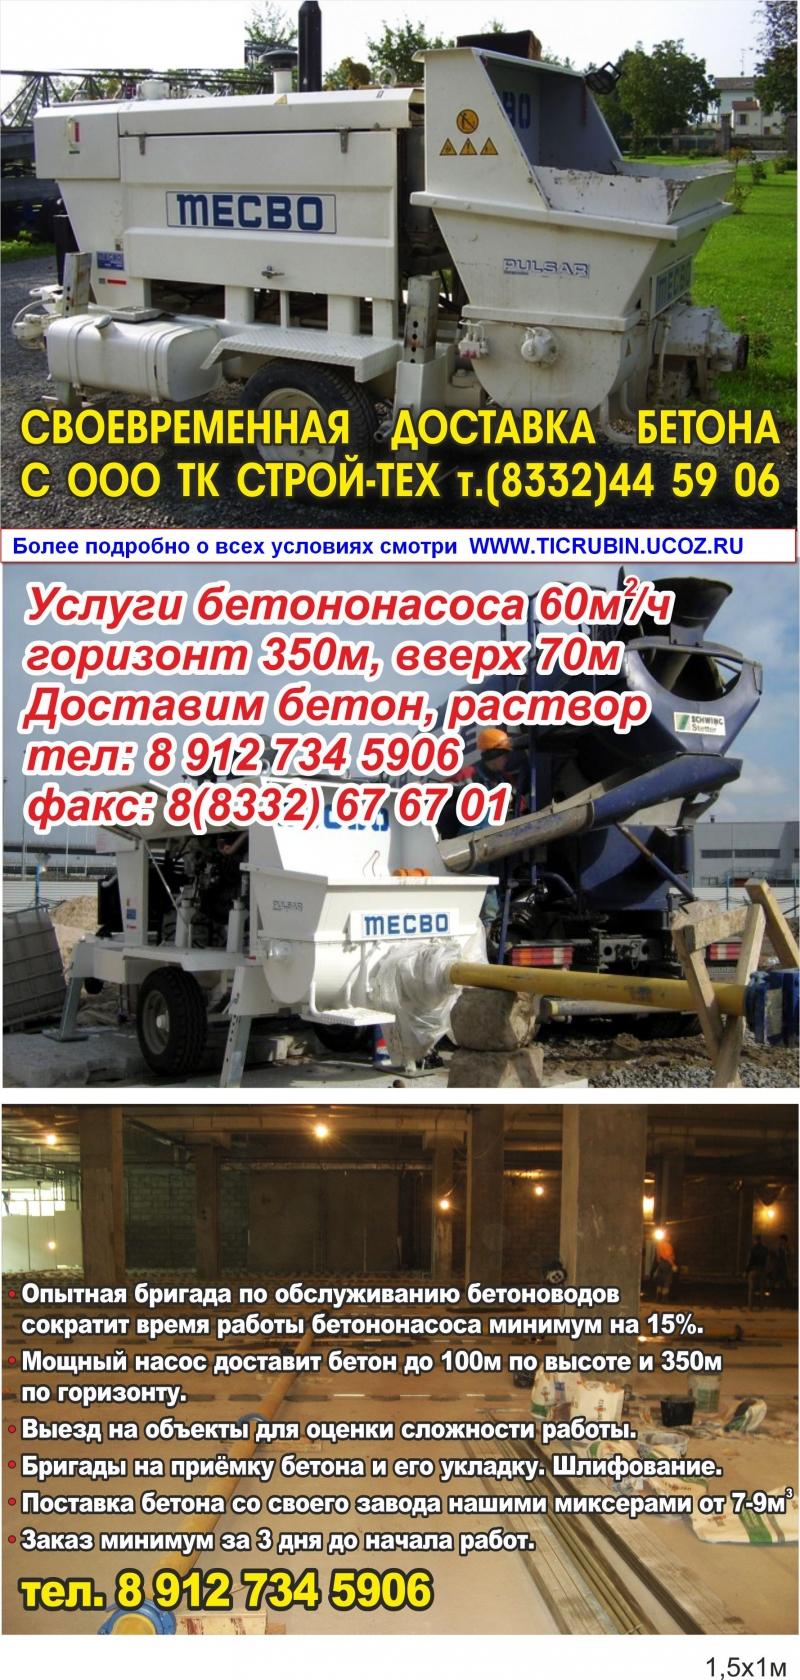 Услуги бетононасоса по Кировской обл и Р.Коми